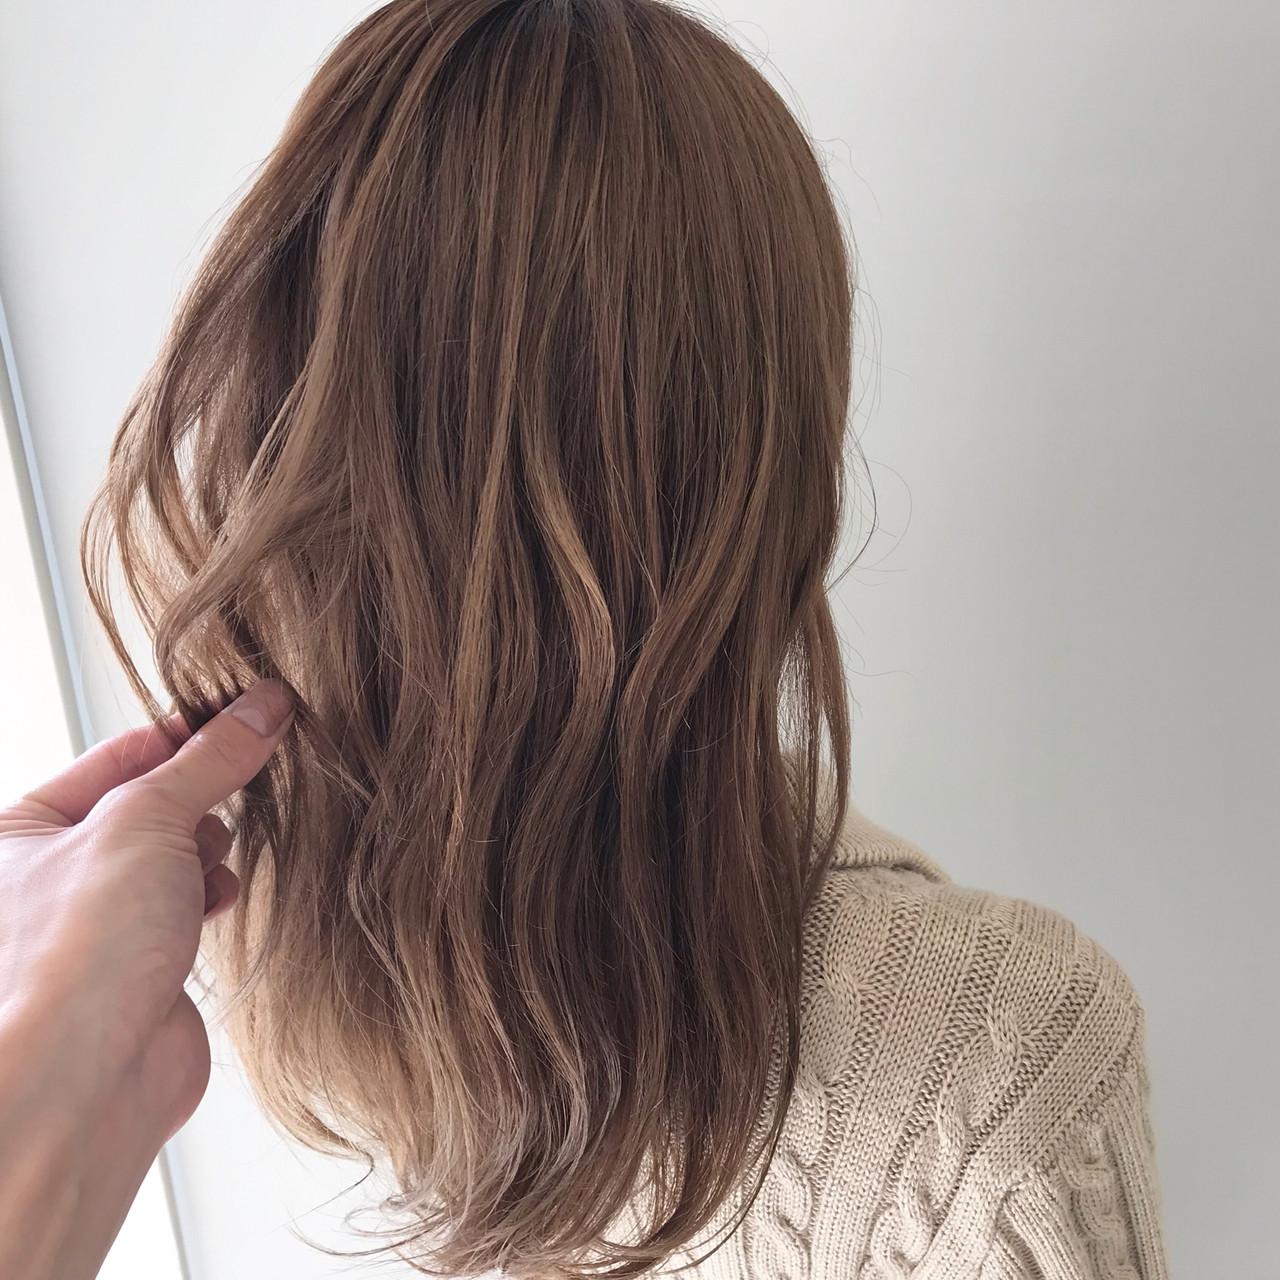 ヘアアレンジ 巻き髪 外国人風カラー 簡単ヘアアレンジ ヘアスタイルや髪型の写真・画像